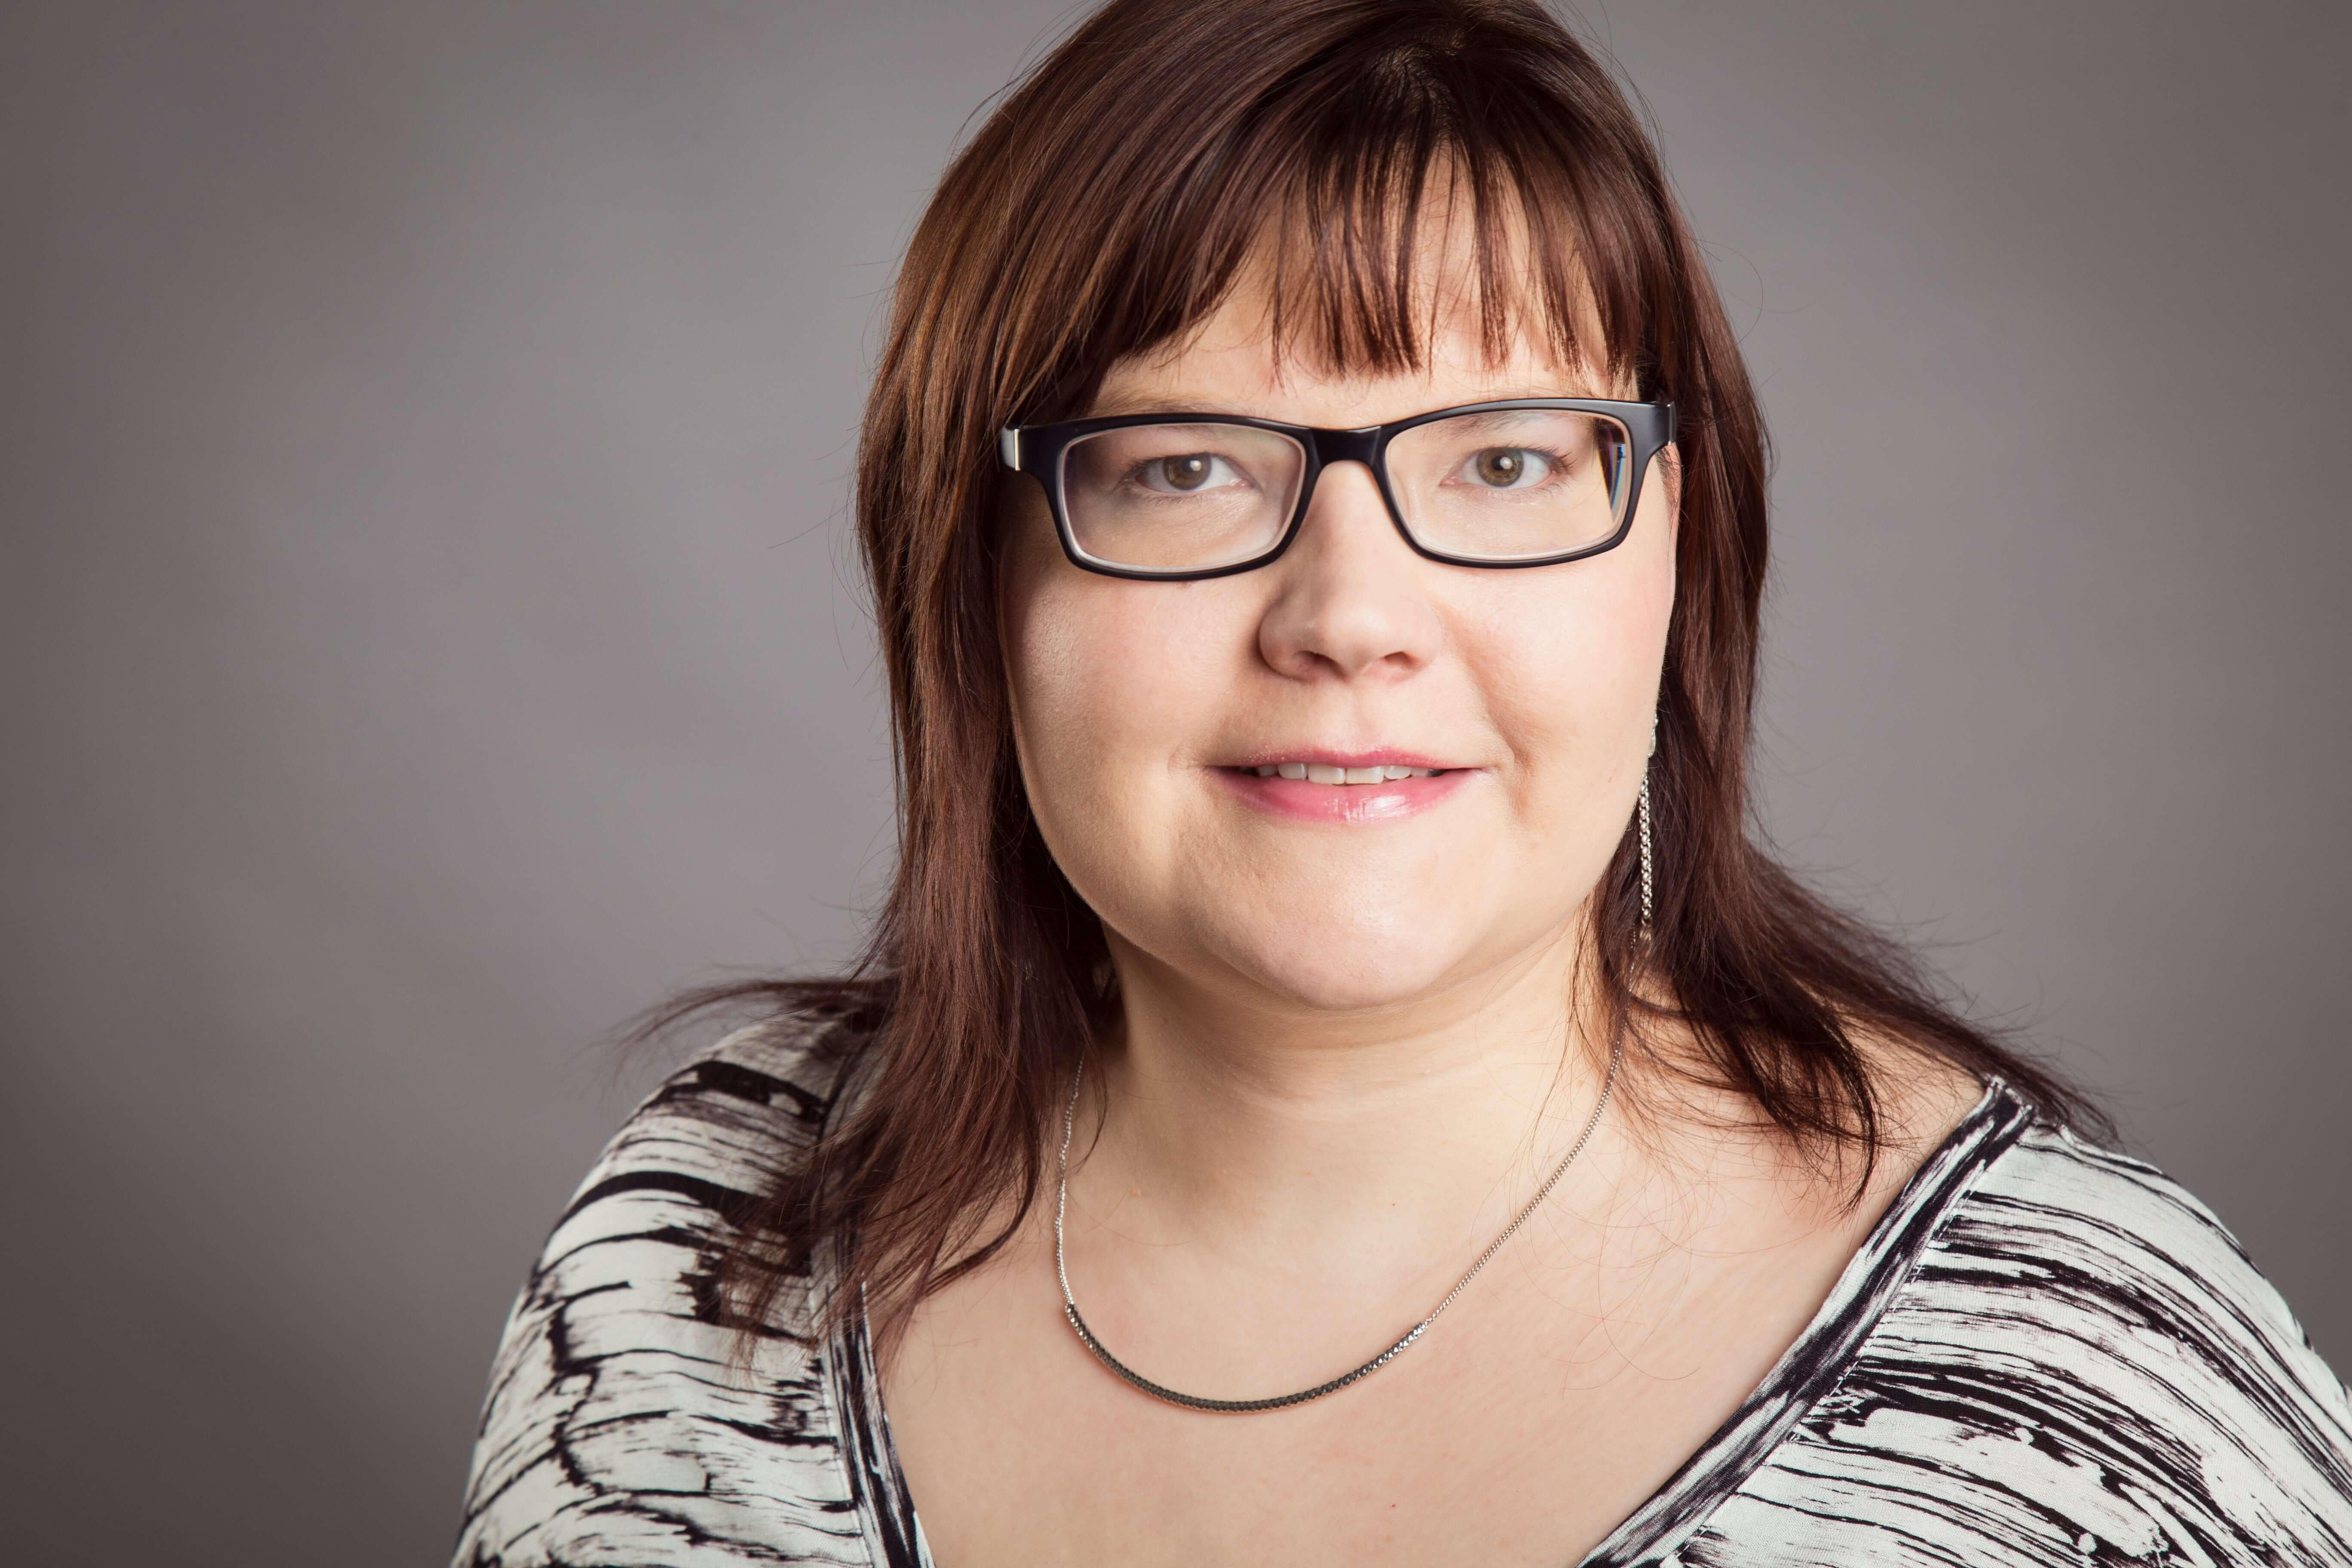 virtuelle assistenz onlinekurs isabell schellenberger